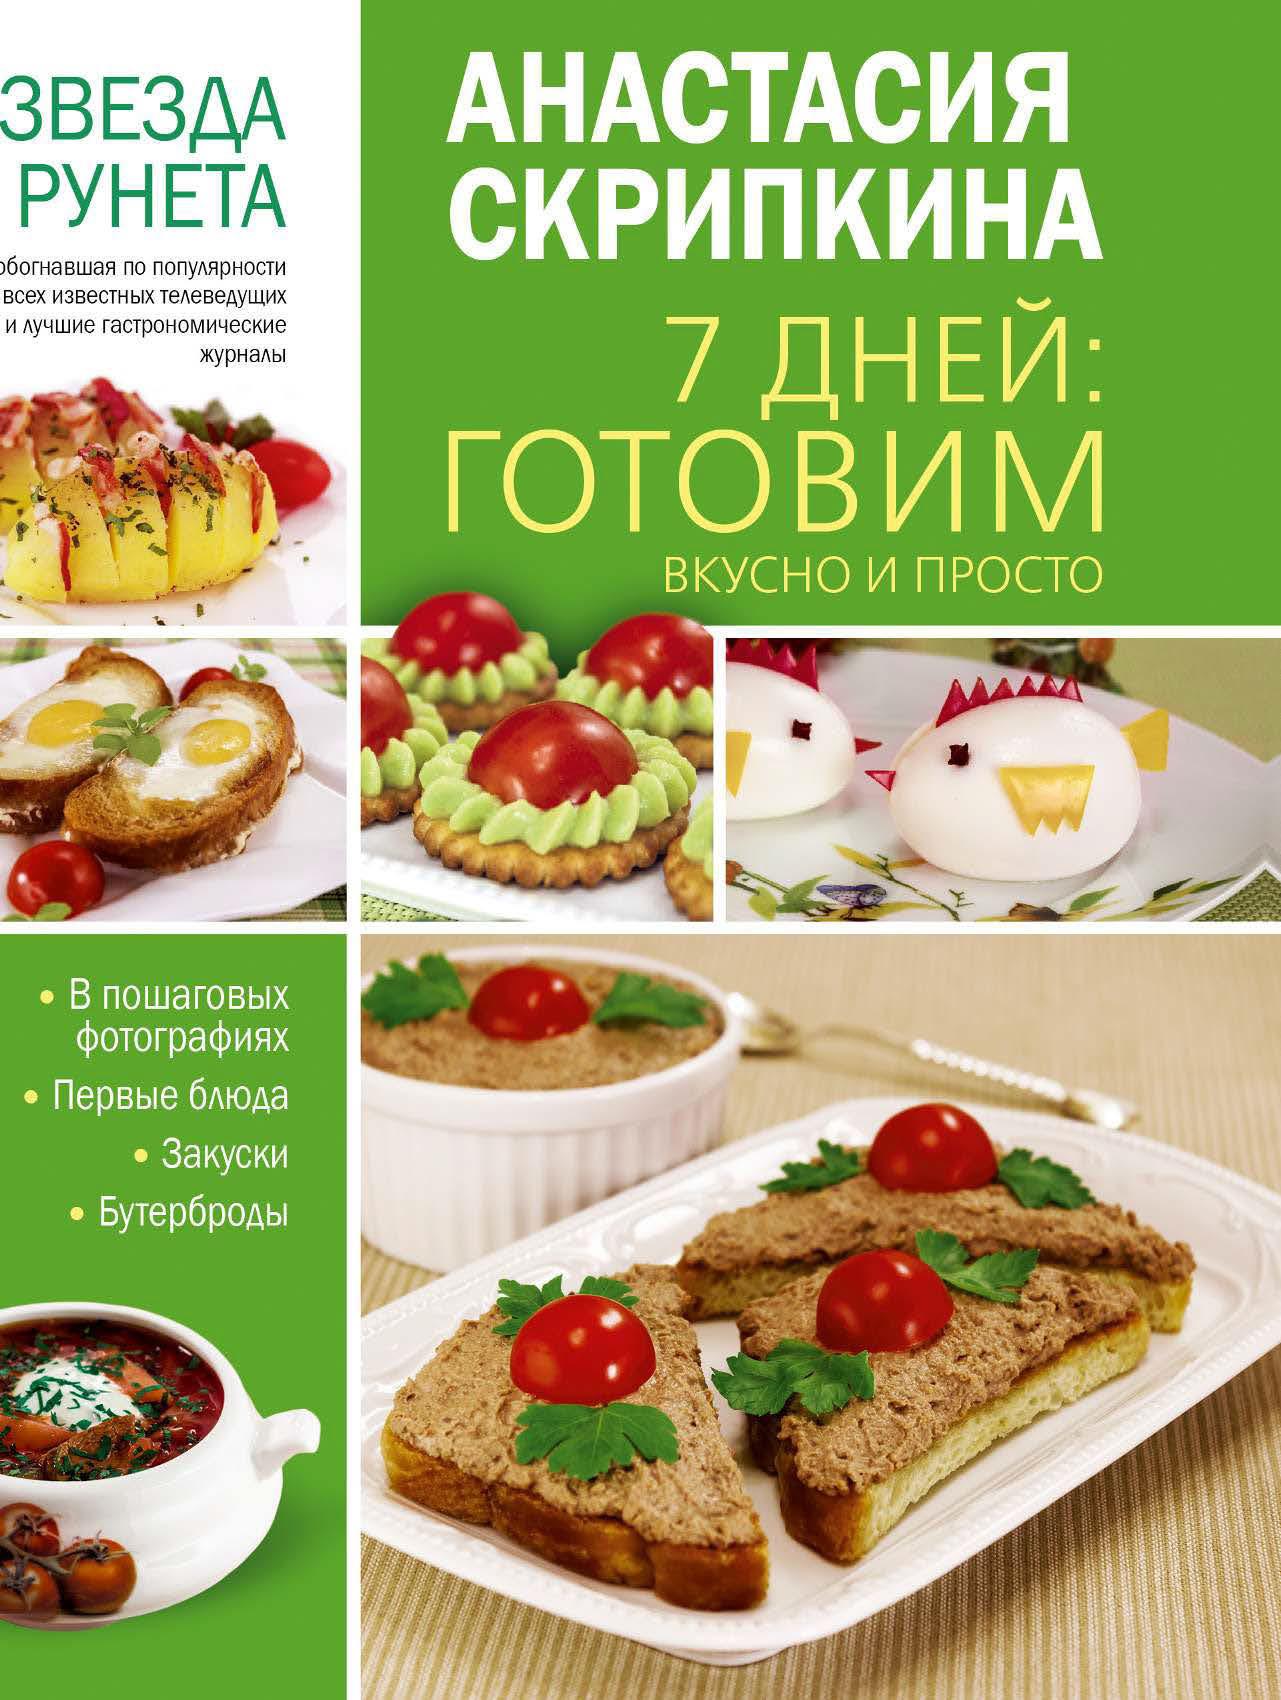 Анастасия Скрипкина 7 дней: готовим вкусно и просто. Первые блюда, закуски, бутерброды скрипкина анастасия юрьевна 7 дней готовим вкусно и просто